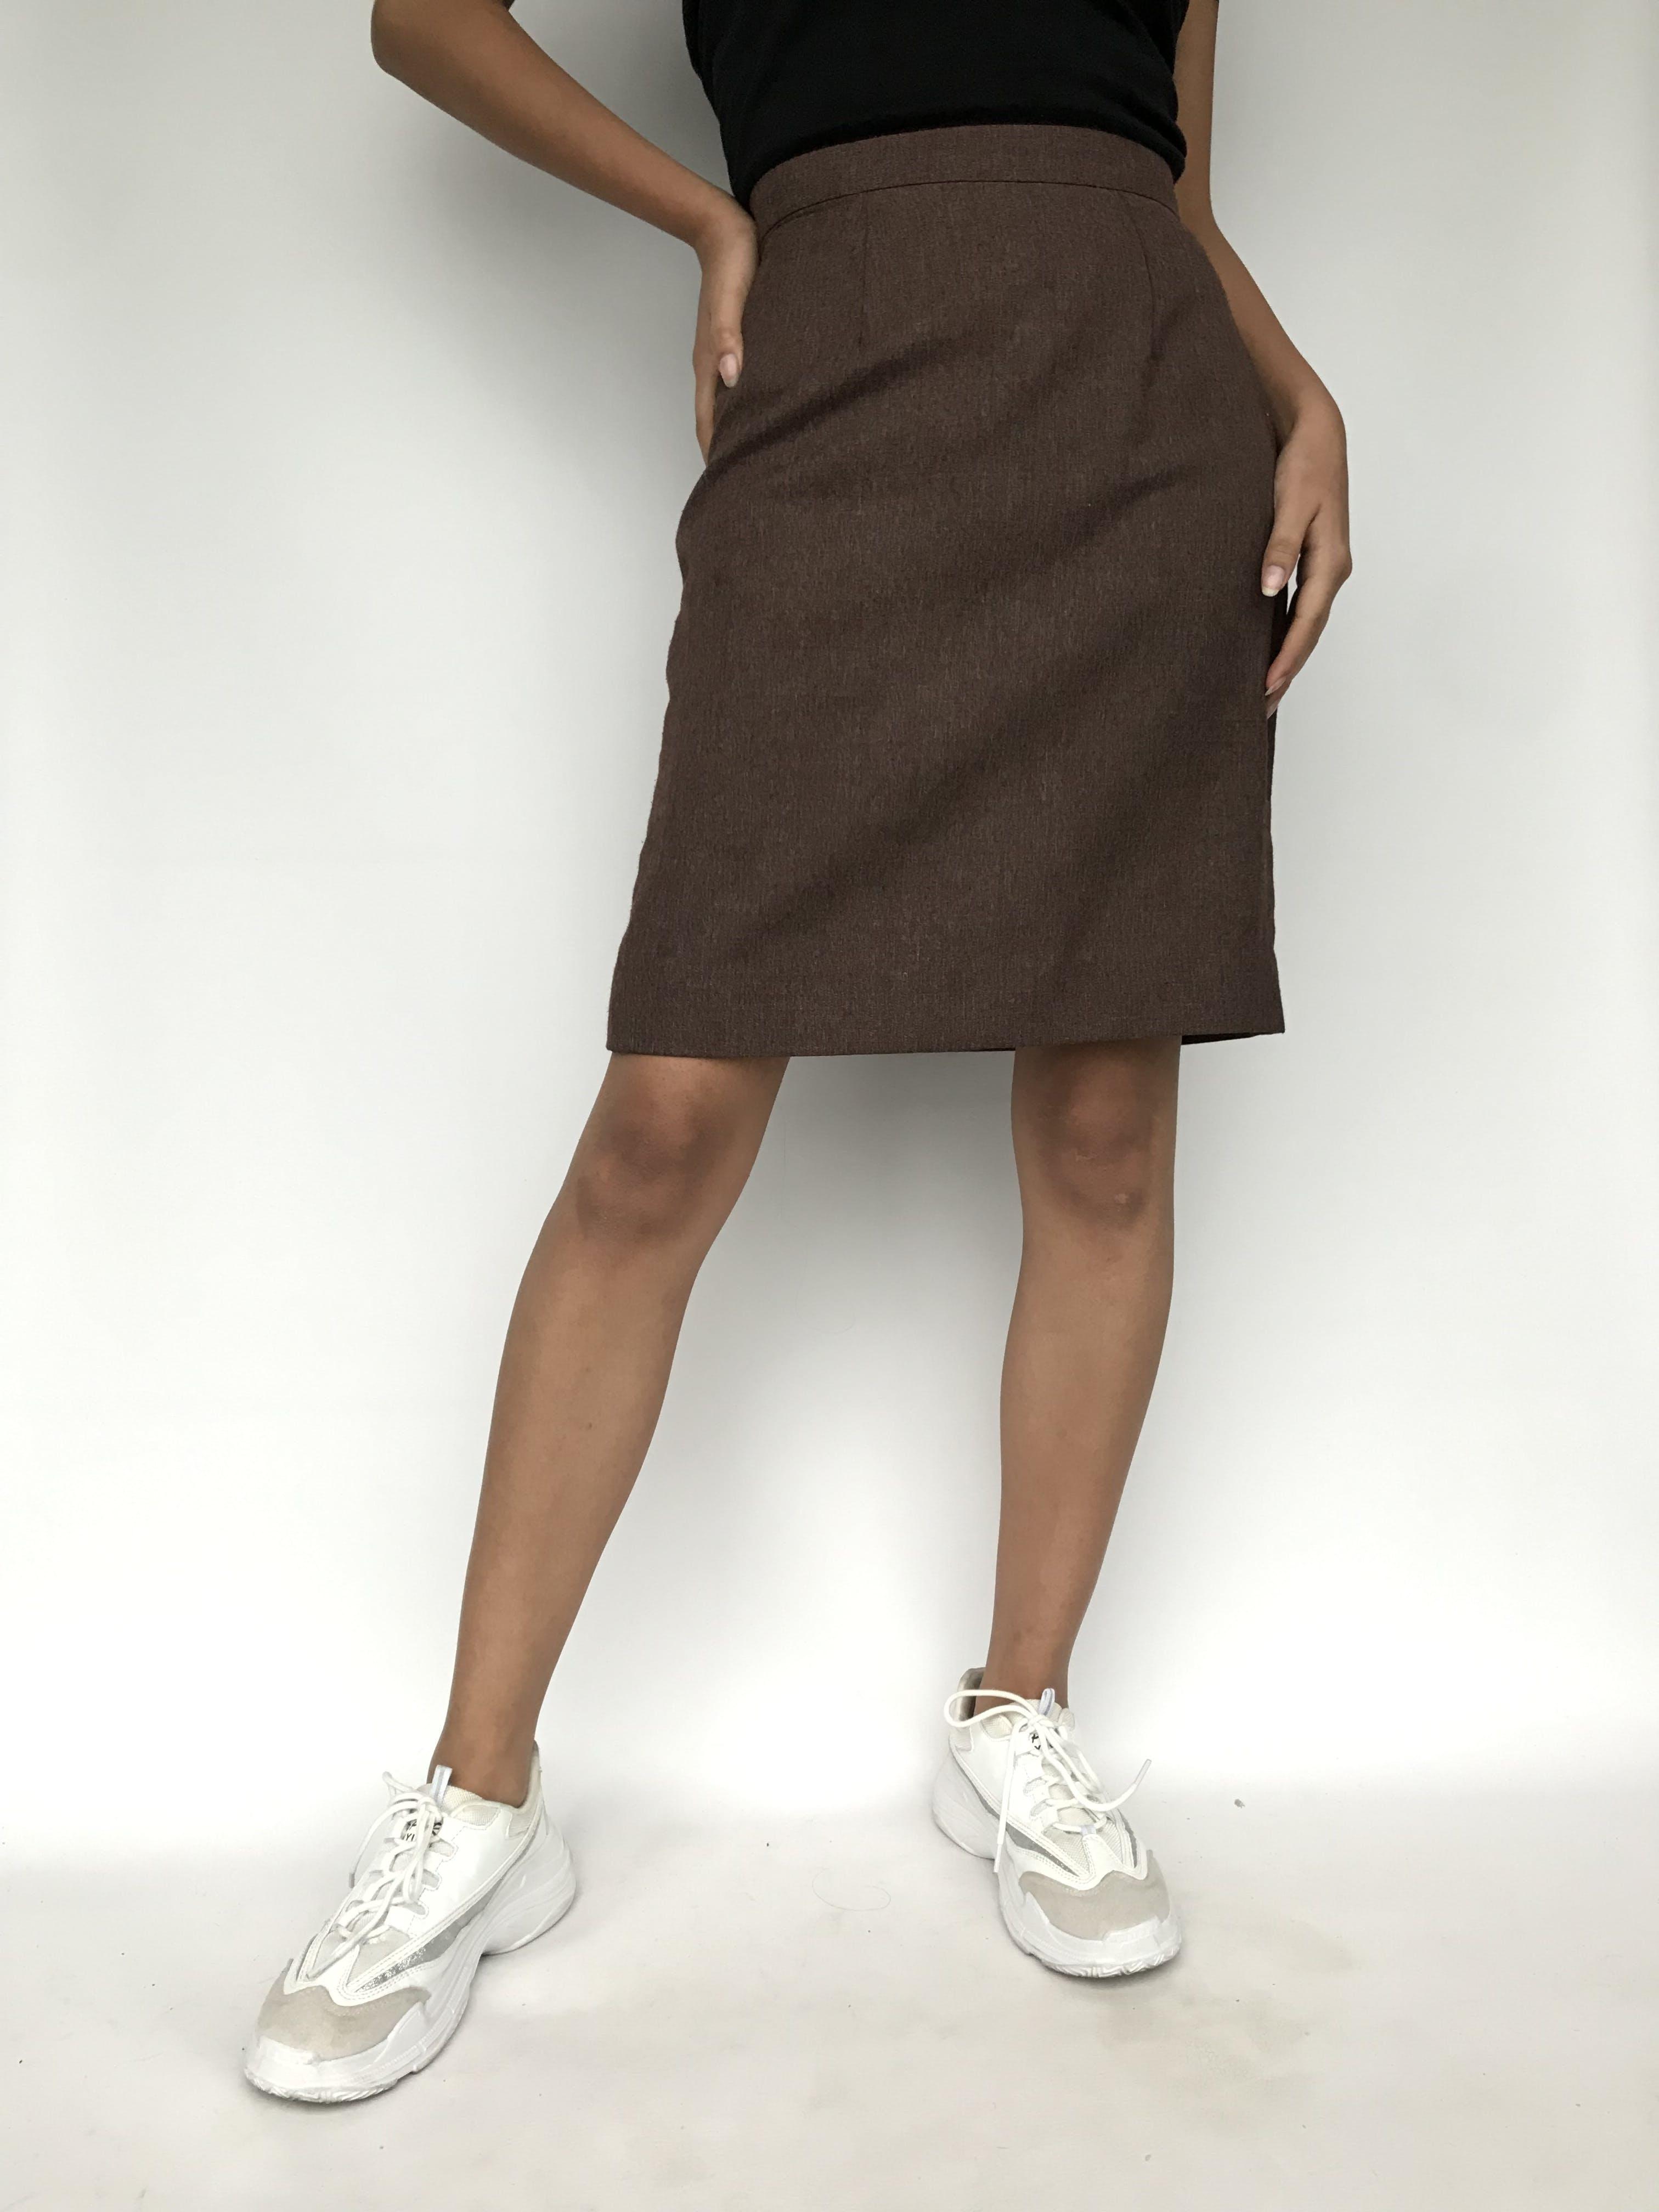 Falda marrón jaspeada, tela tipo sastre, con cierre y botón posterior. Cintura 70cm Largo 55cm